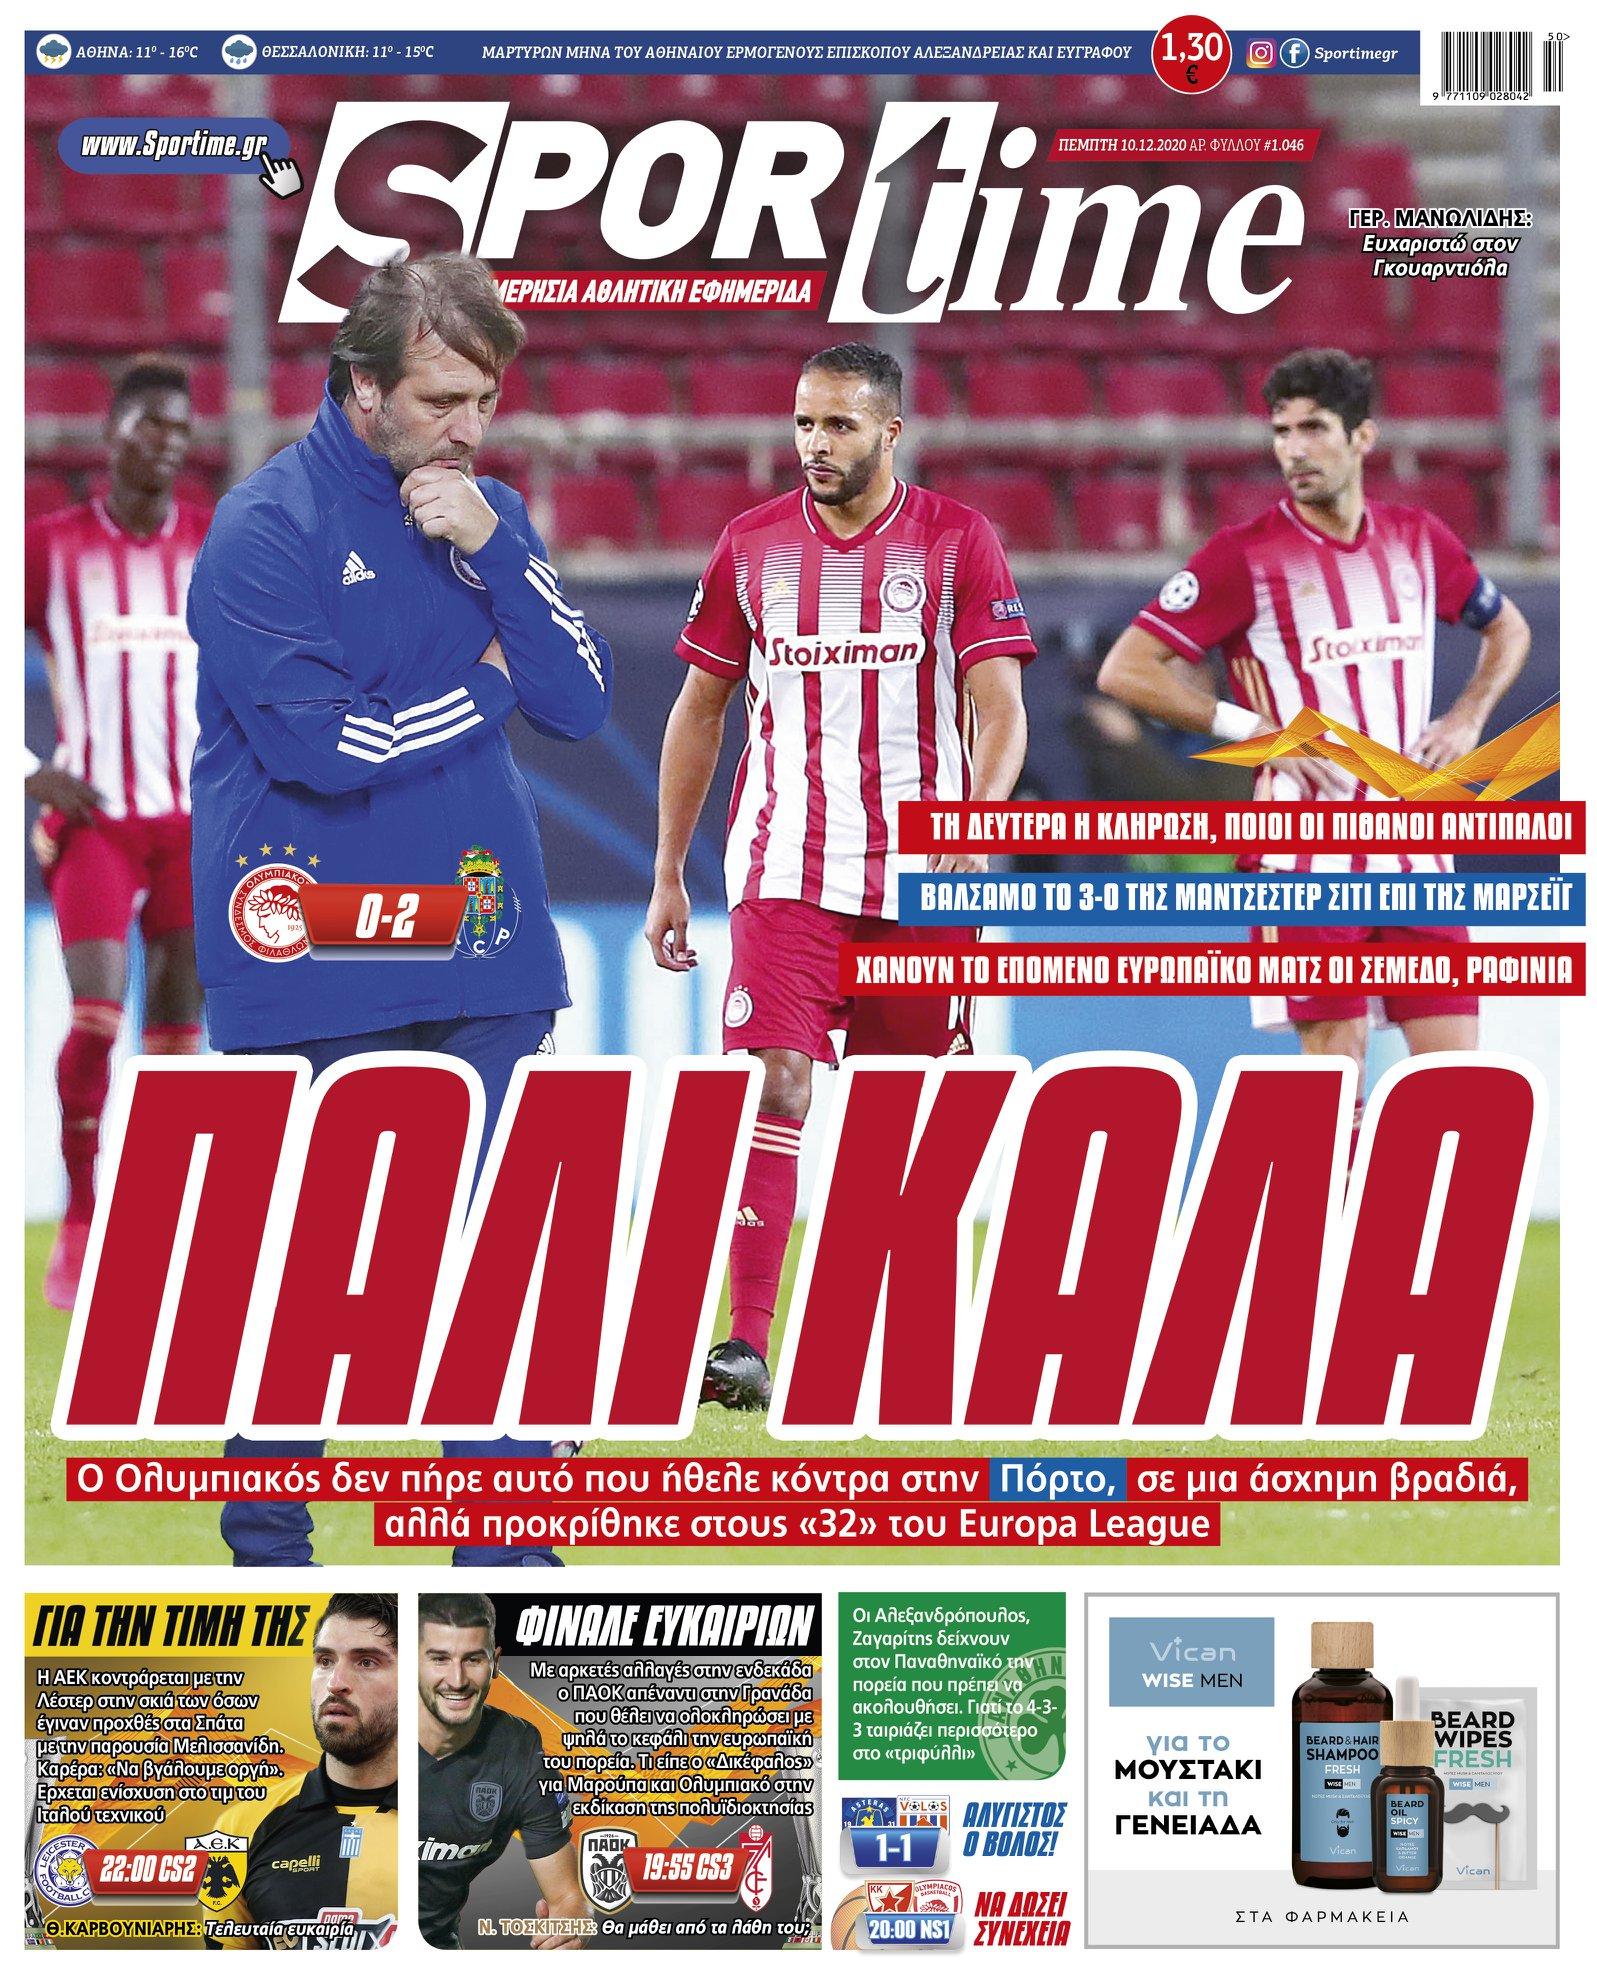 Εφημερίδα SPORTIME - Εξώφυλλο φύλλου 10/12/2020